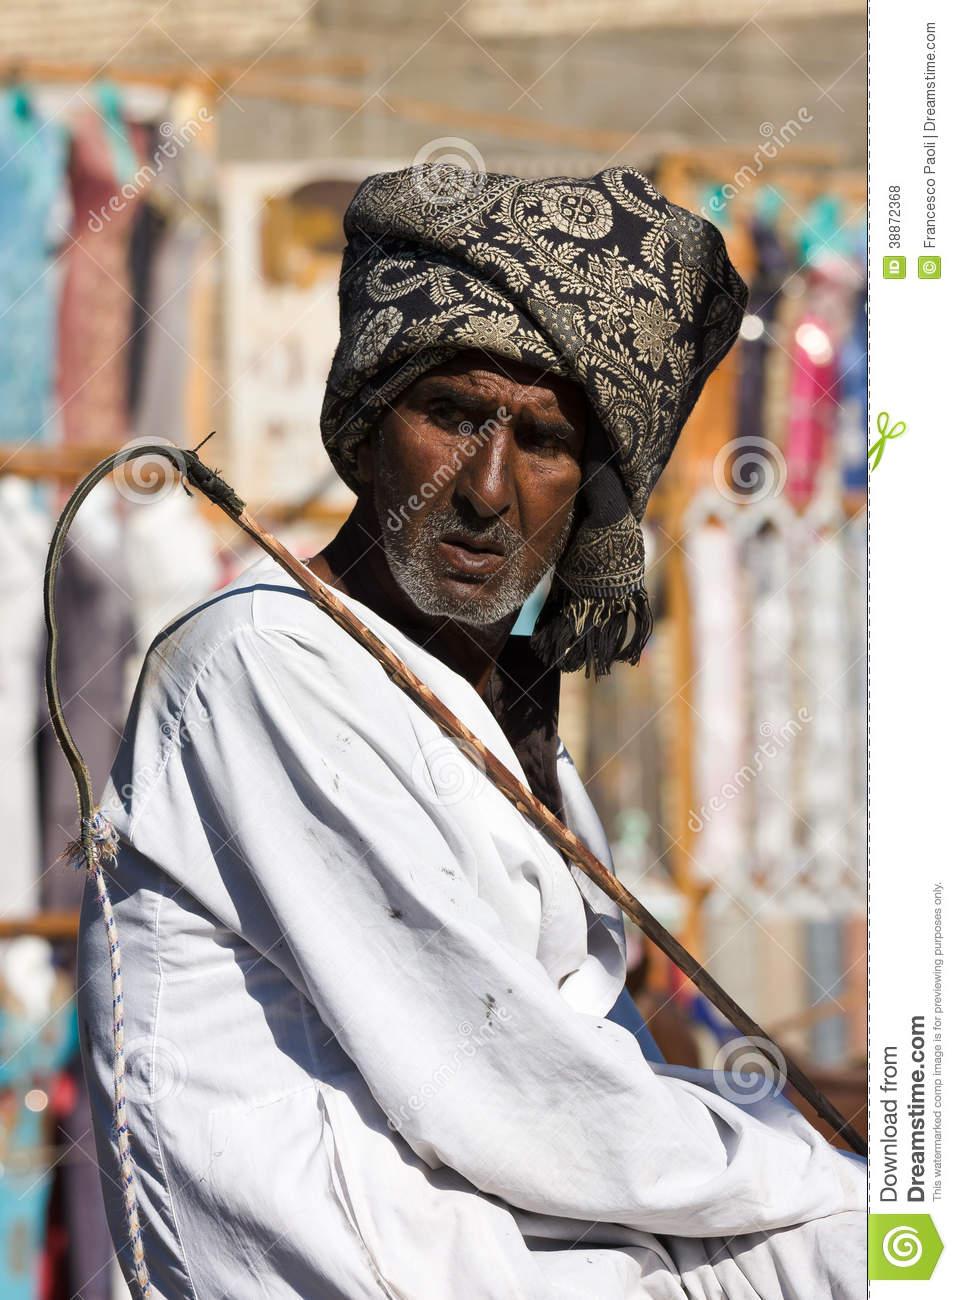 egyptian-man-turban-cairo-egypt-38872368